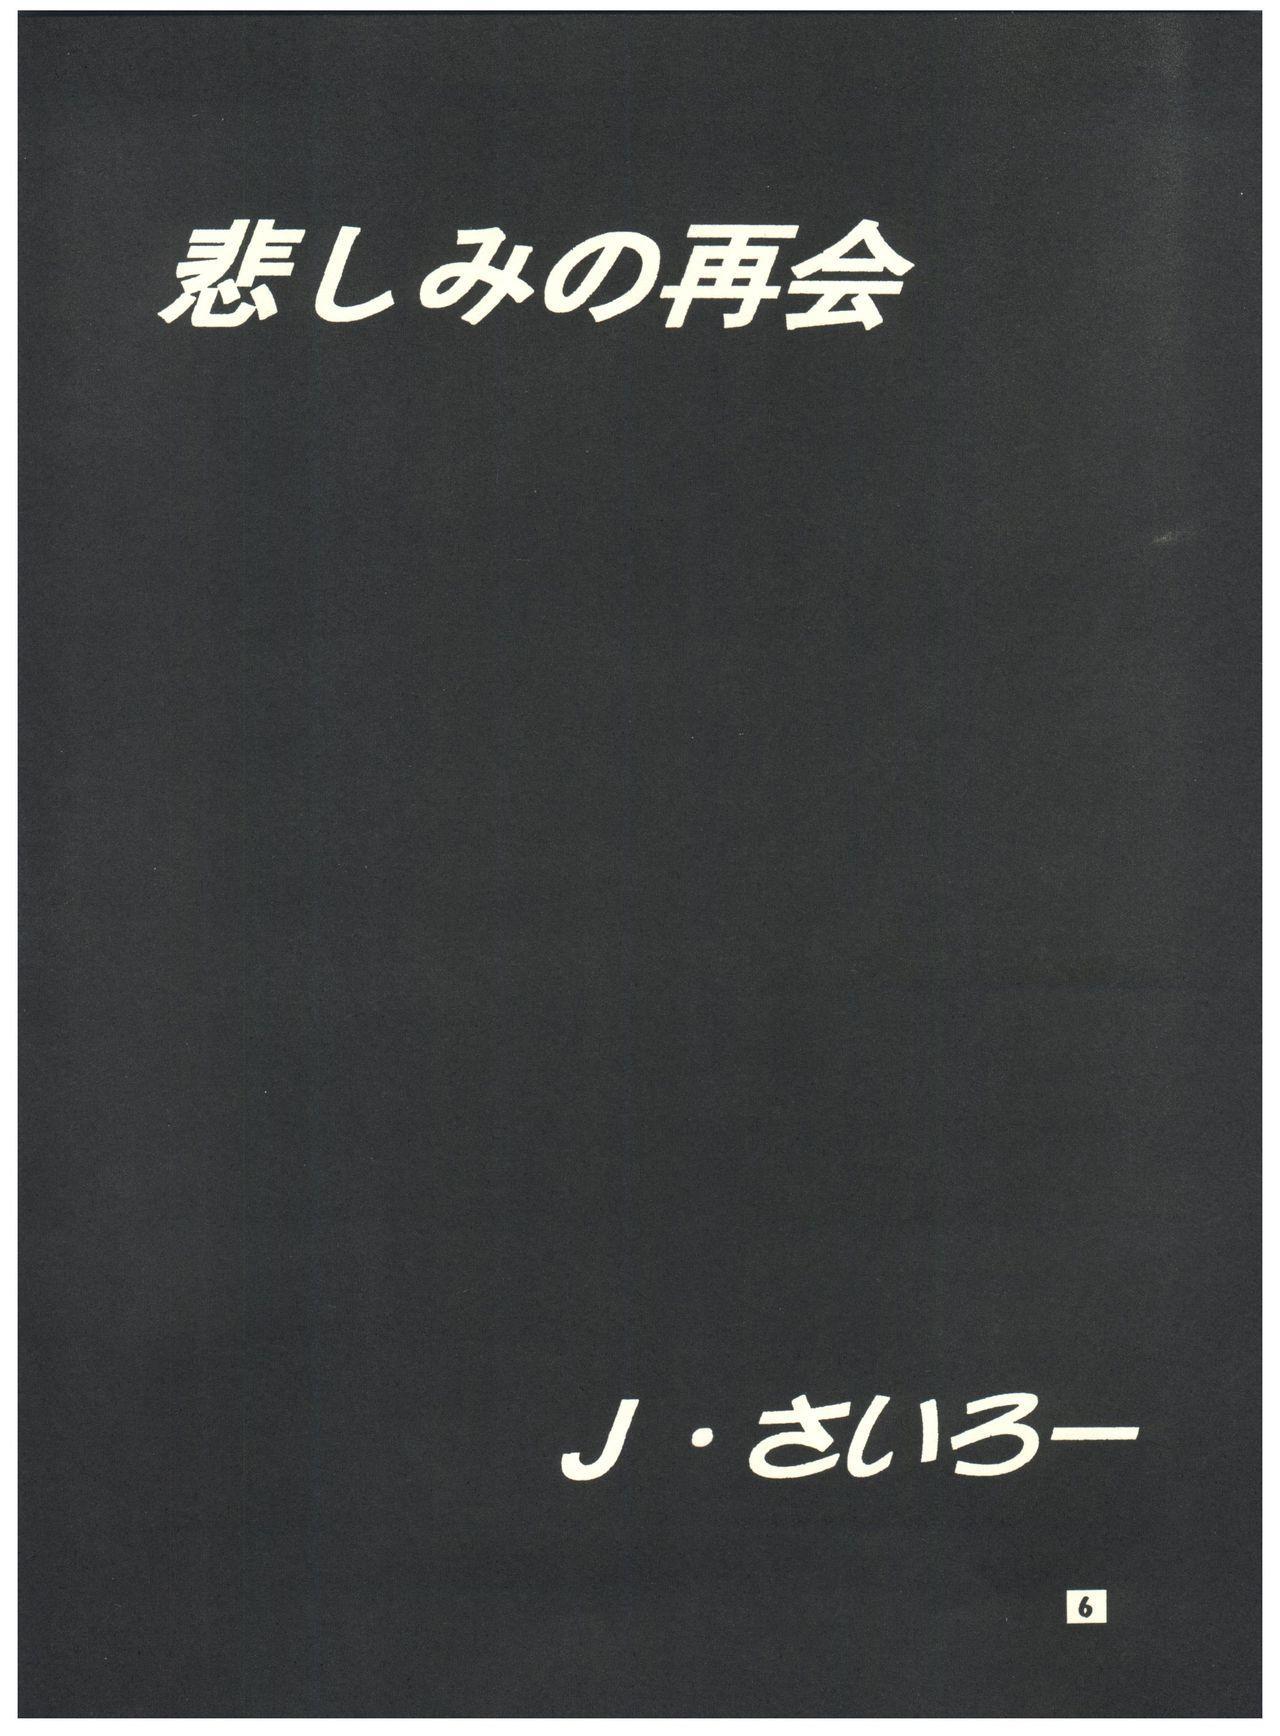 [Sairo Publishing (J. Sairo) En-Jack 2 (Various) 5